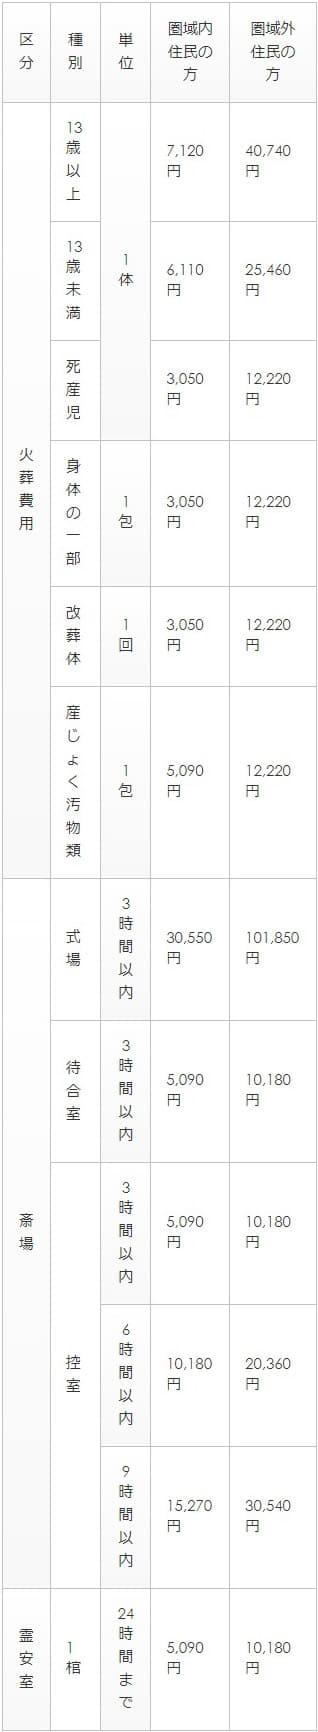 大子町斎場のご利用料金表